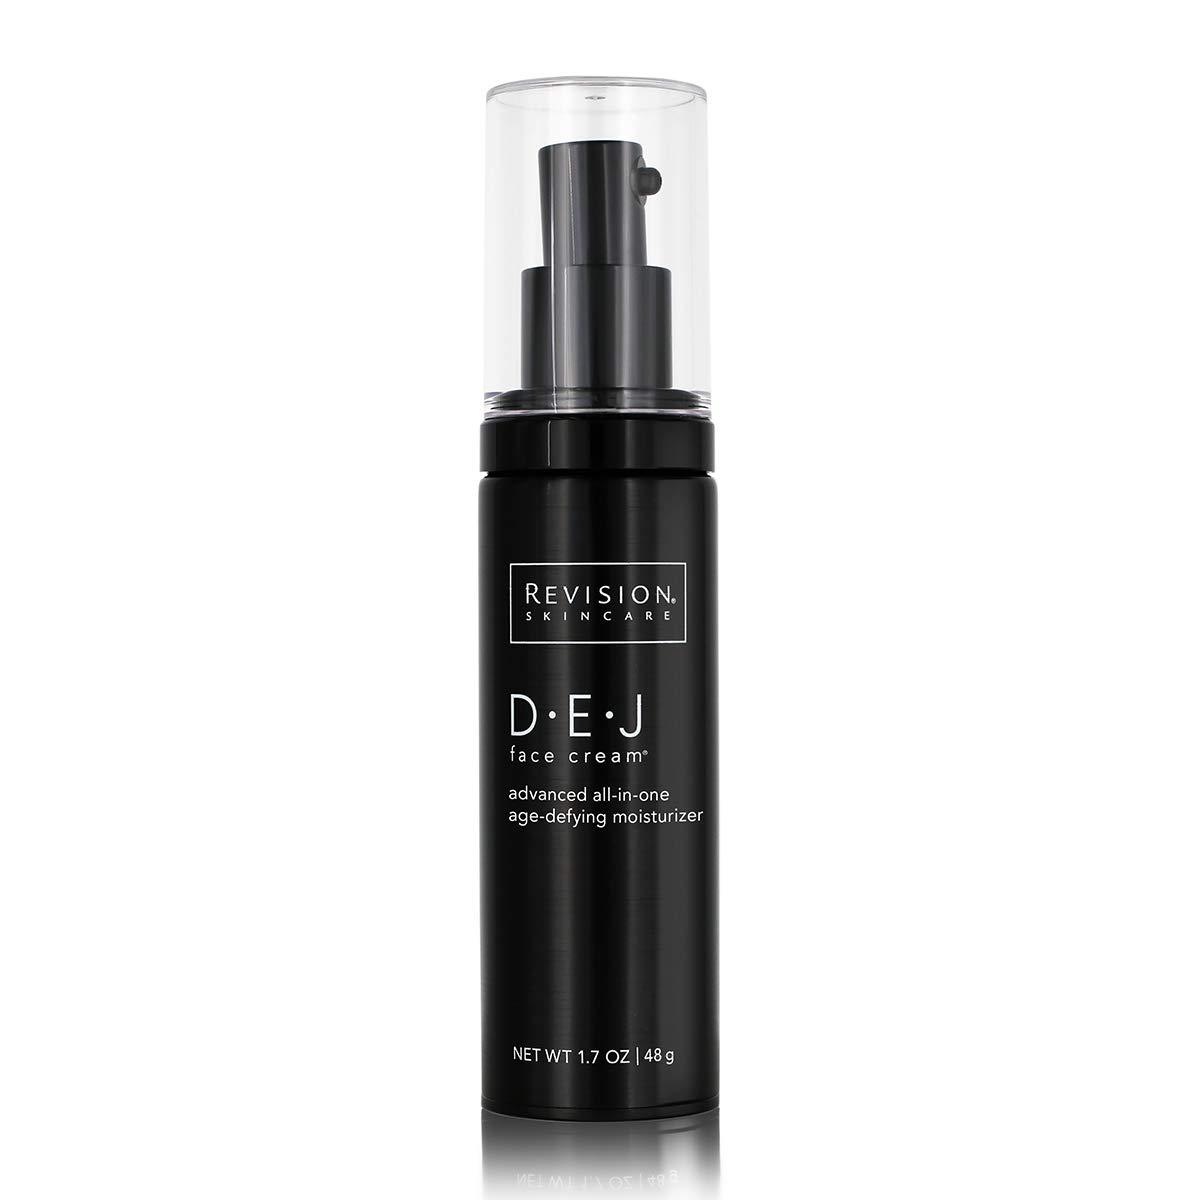 Revision Skincare D.E.J. Face Cream, 1.7 oz by Revision Skincare